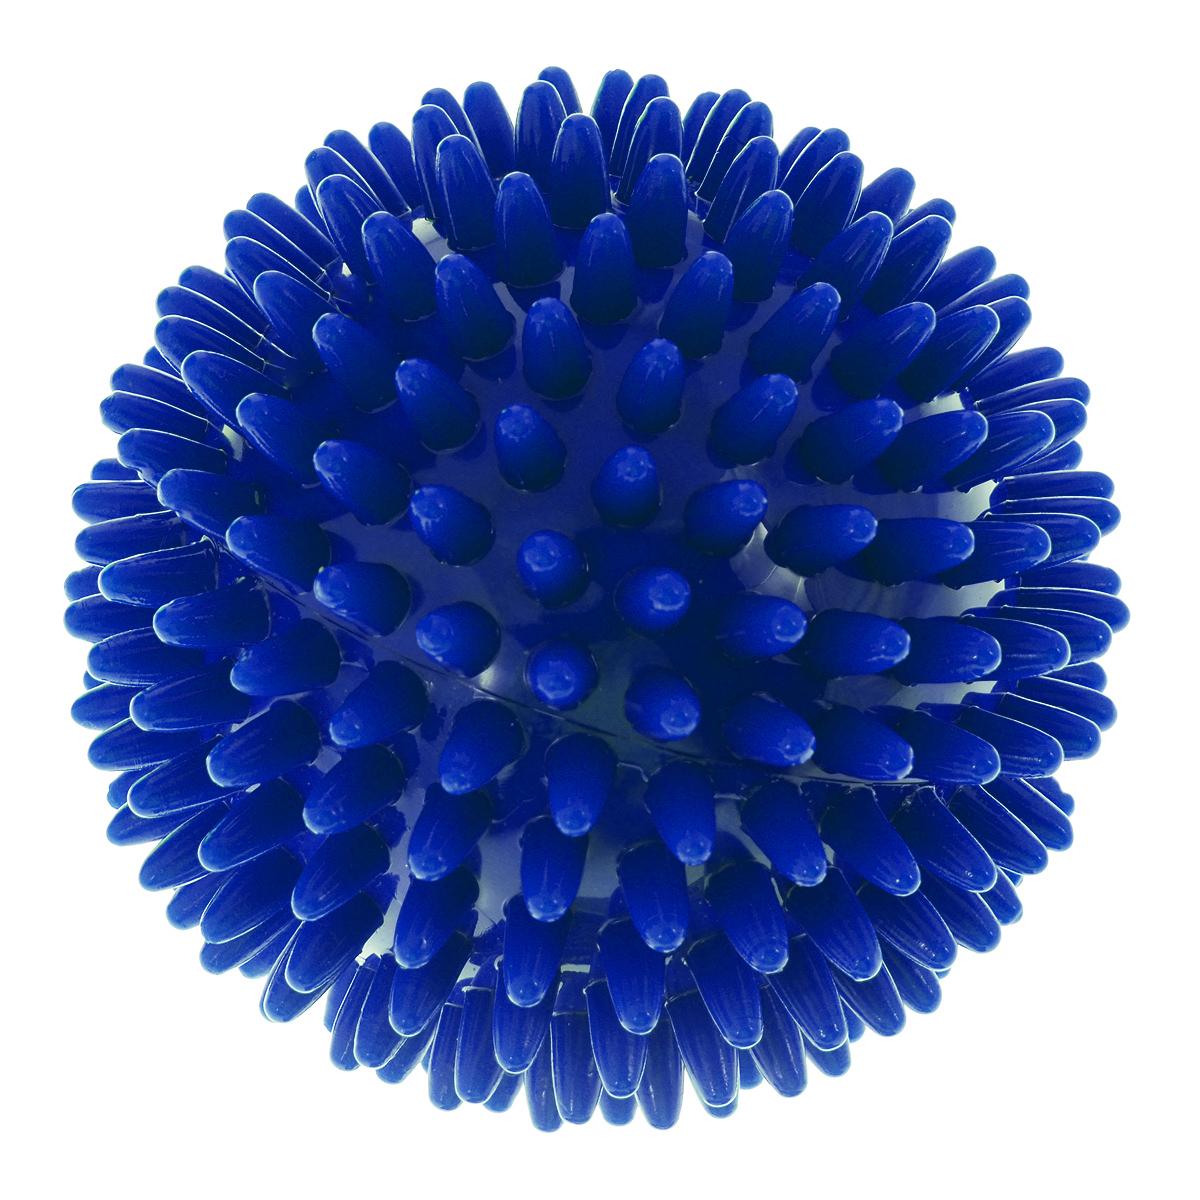 Игрушка для собак V.I.Pet Массажный мяч, цвет: синий, диаметр 9 см0120710Игрушка для собак V.I.Pet Массажный мяч, изготовленная из ПВХ, предназначена для массажа и самомассажа рефлексогенных зон. Она имеет мягкие закругленные массажные шипы, эффективно массирующие и не травмирующие кожу. Игрушка не позволит скучать вашему питомцу ни дома, ни на улице.Диаметр: 9 см.